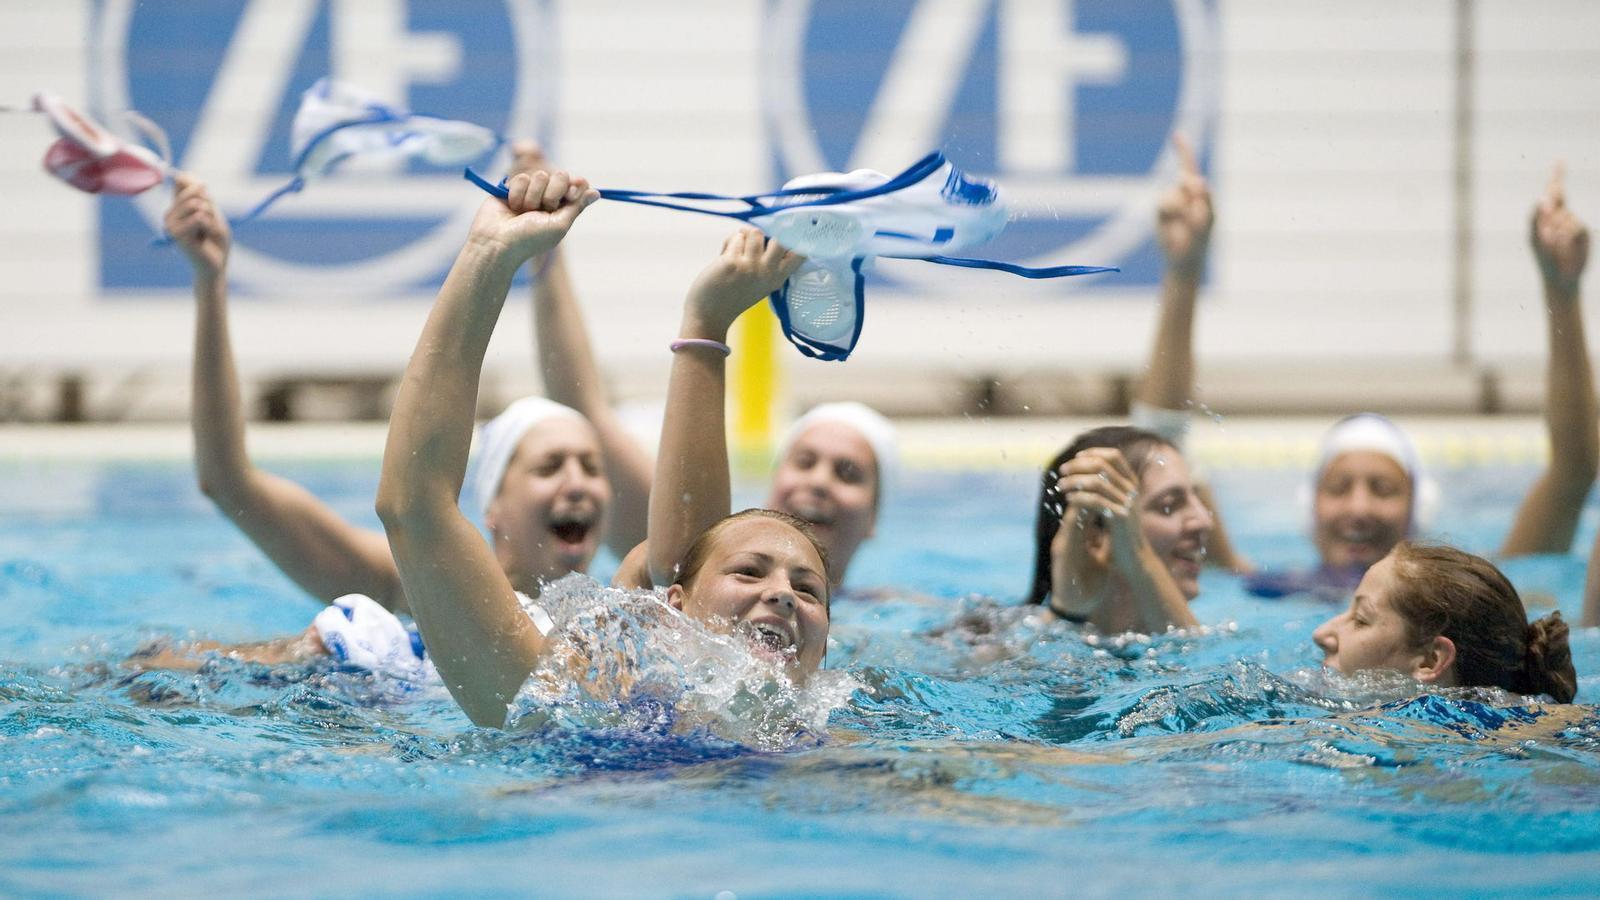 Les jugadores del CN Sabadell Astralpool celebren a la piscina el títol europeu que van aconseguir després de superar el Kirishi rus a la final.